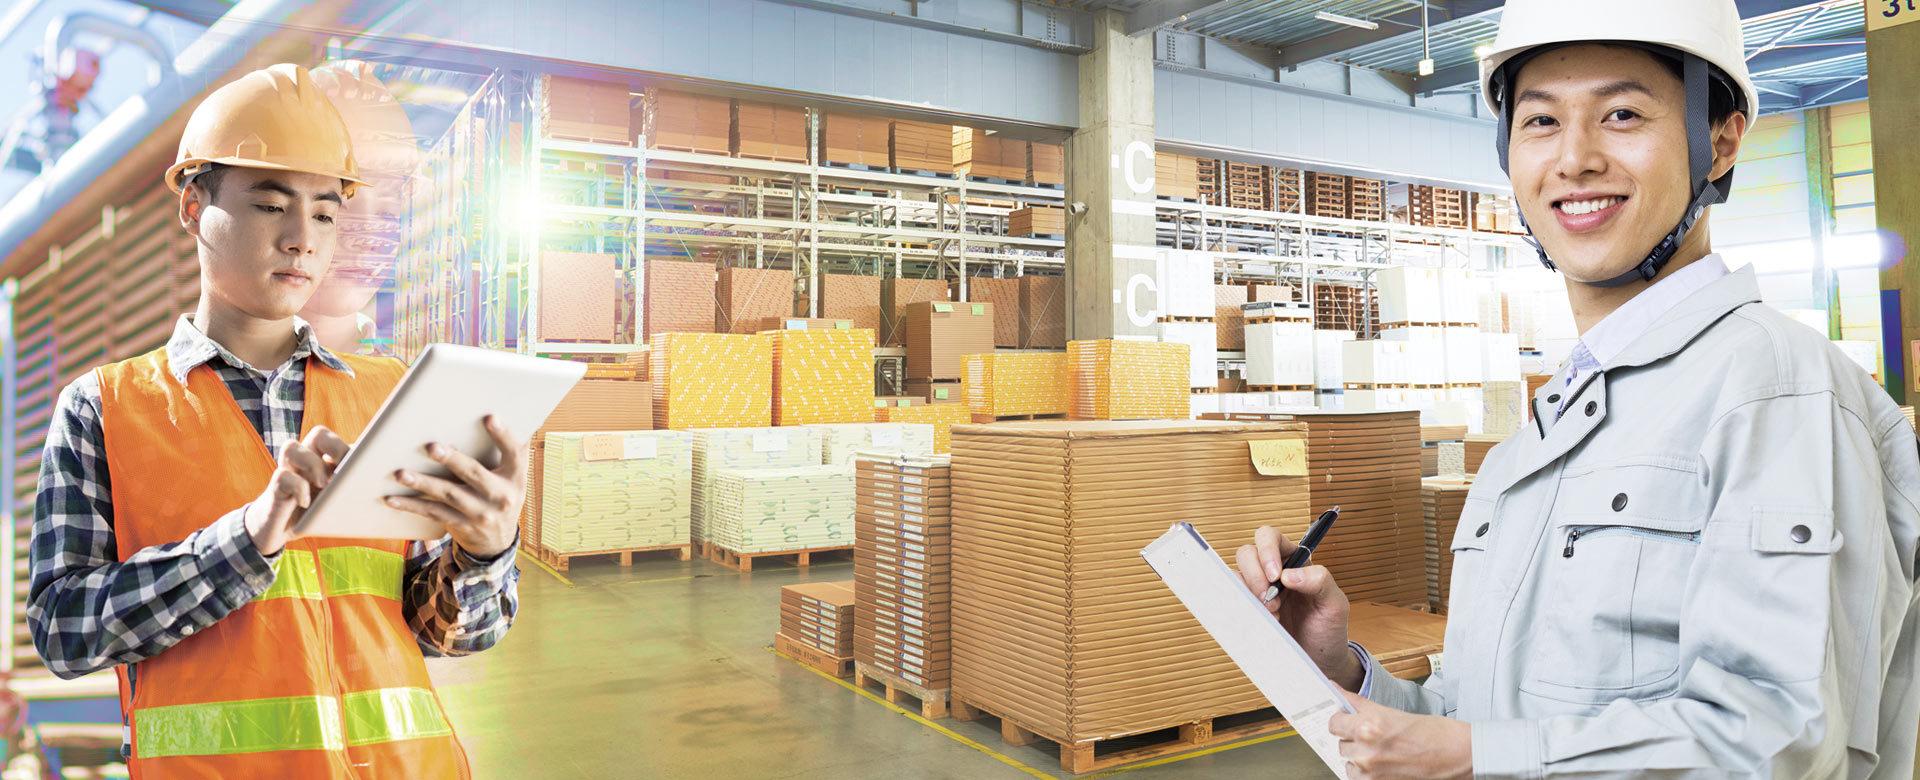 製造業、軽作業のお仕事なら人材派遣会社ワイズ関西